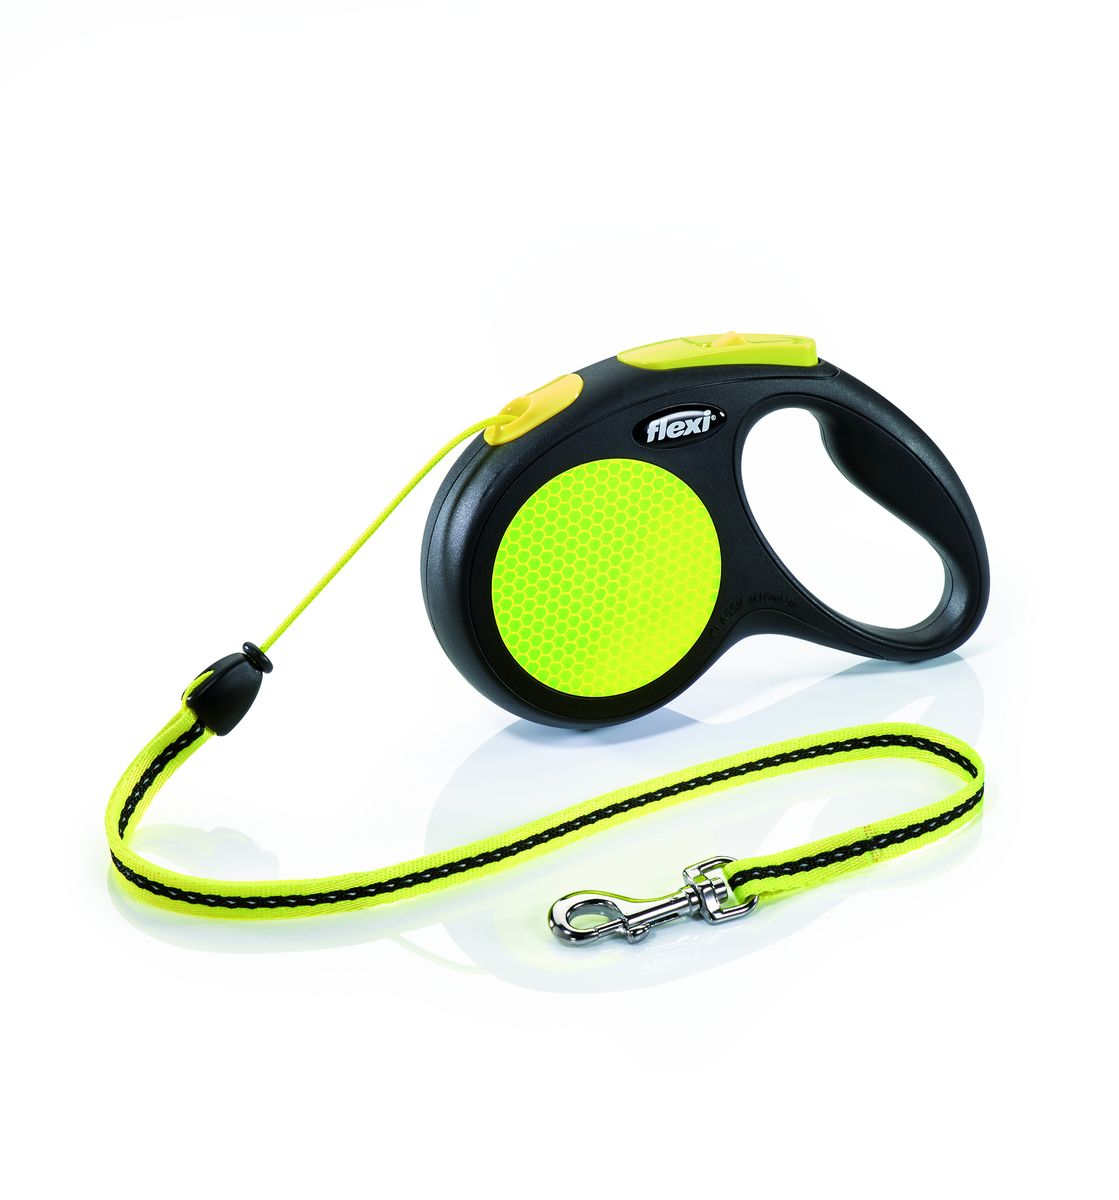 Поводок-рулетка Flexi Neon New Classic М, трос, для собак весом до 20 кг, 5 м0120710Тросовый поводок-рулетка предназначен для выгула собак весом до 20 кг.- обновленная эргономичная кнопка системы торможения - запатентованная тормозная система- надежный карабин - светоотражающая наклейка на корпусе рулетки - яркий трос неонового цвета хорошо заметен в сумерки и туман Запатентованая система сматывания и фиксации длины — дополнительное удобство, помогающее контролировать поведение животного. Корпус рулетки выполнен из ударопрочного пластика.Рулетка очень легка в применении, принесет вам еще большую радость от моментов, проведенных с любимцем.